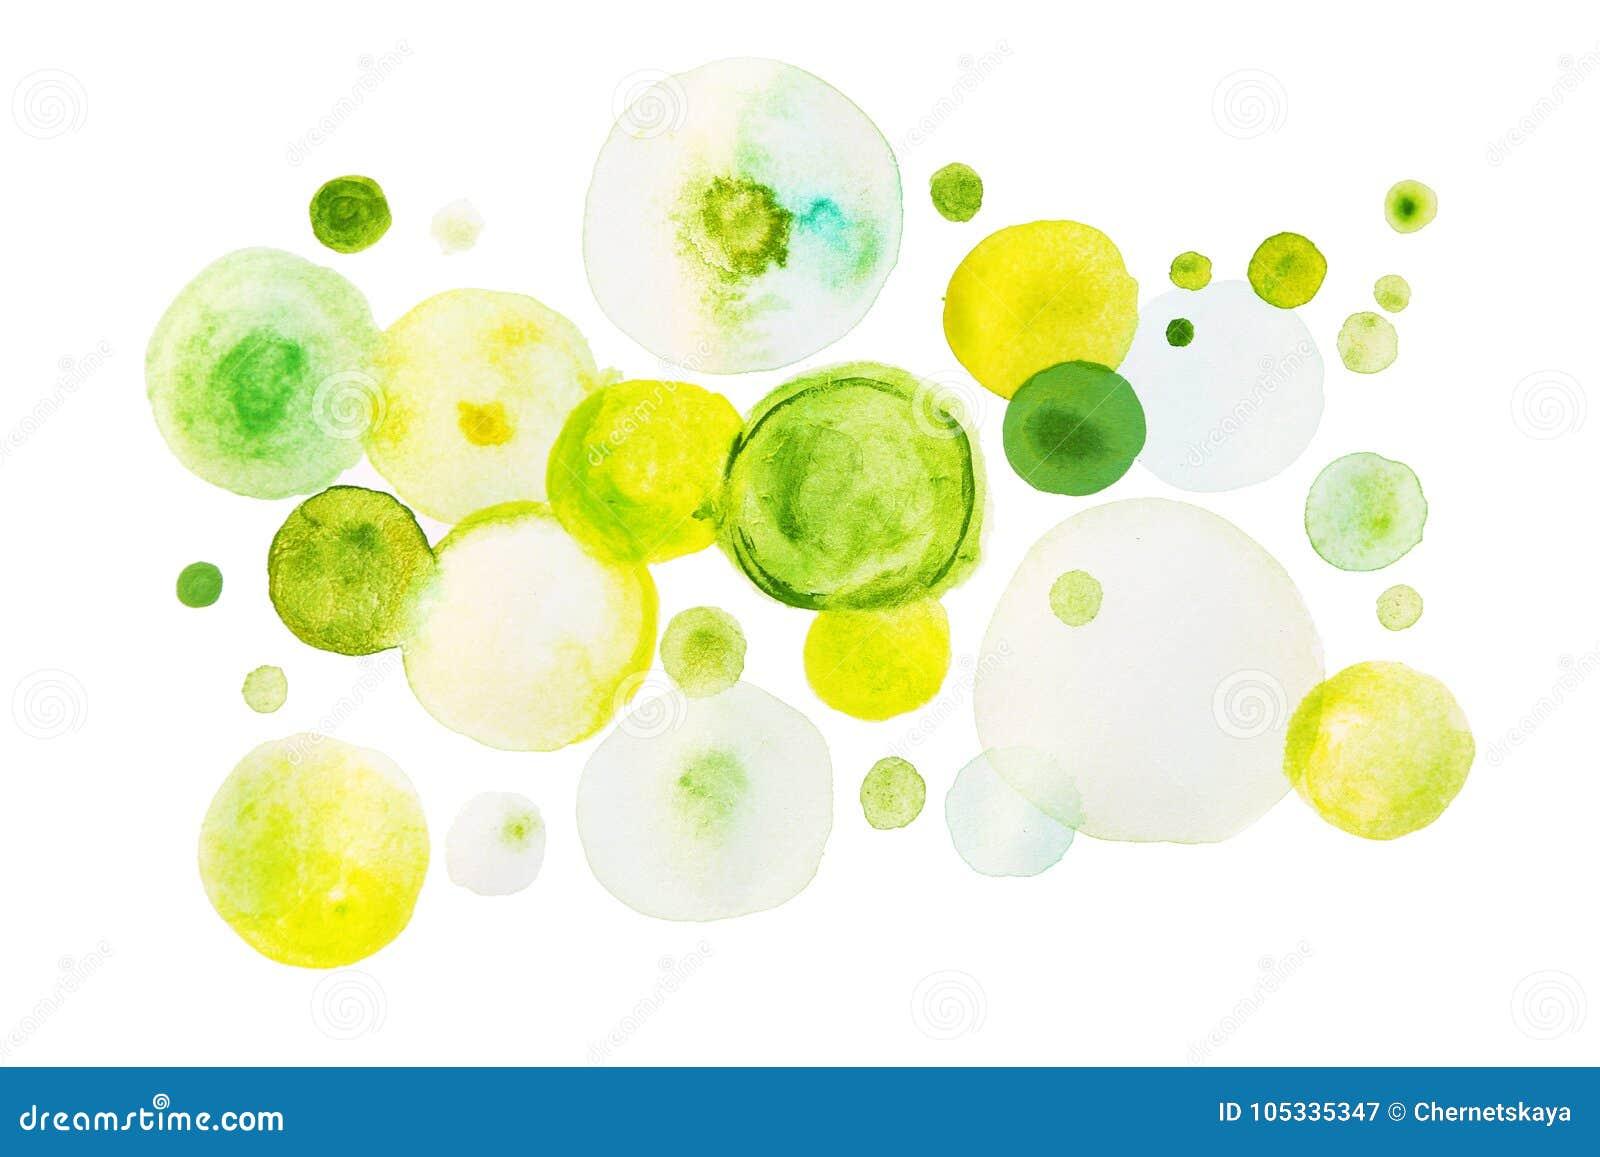 Zielona akwareli farba w kształcie okręgi